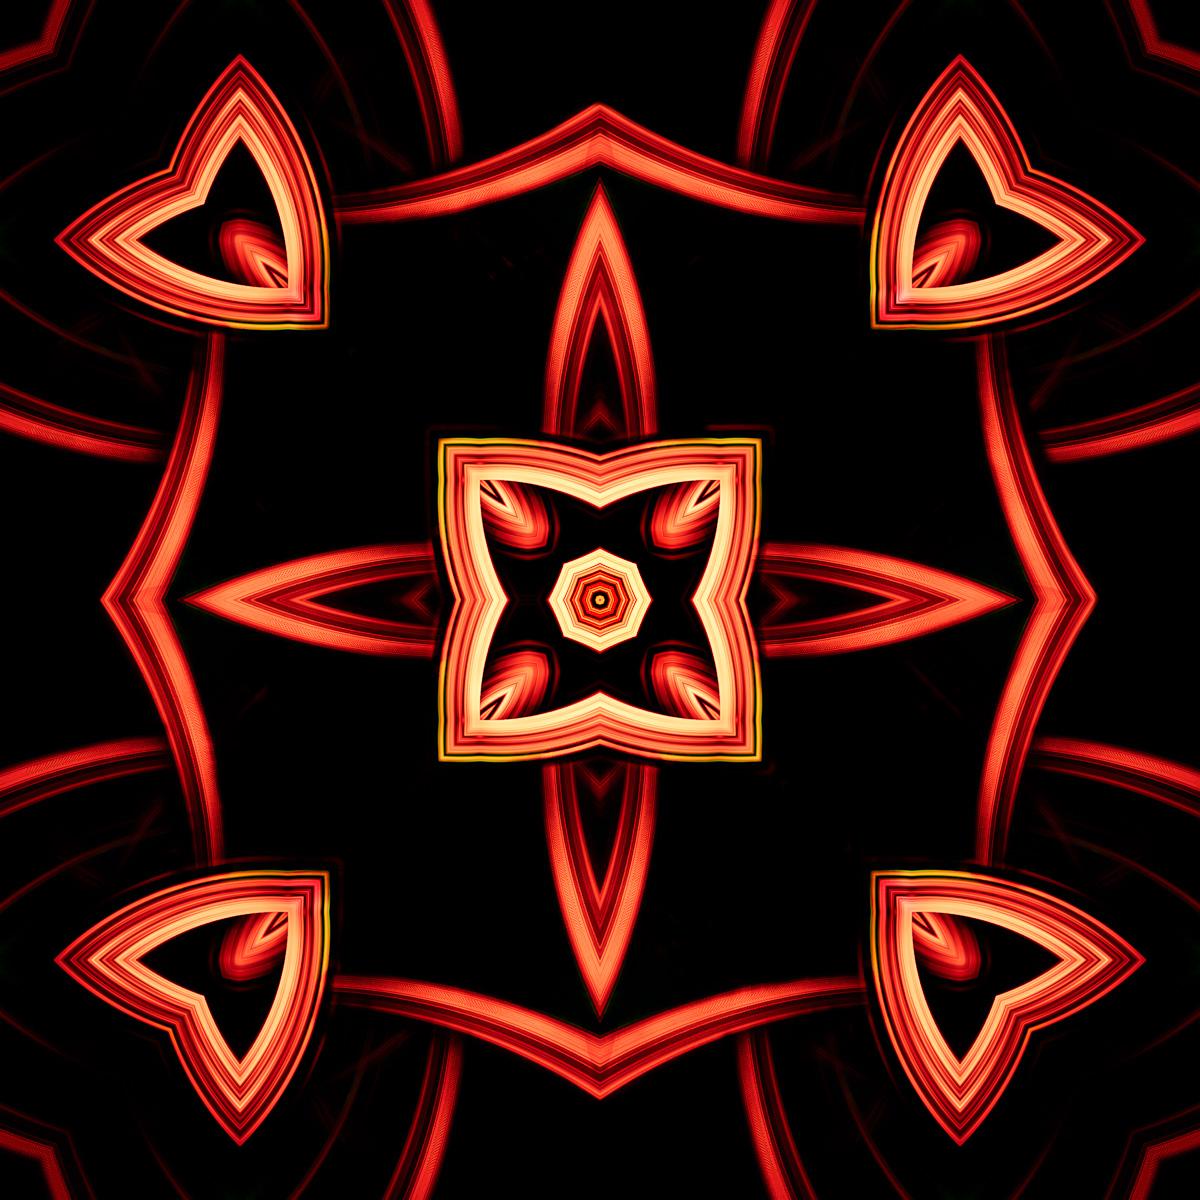 Triangle Hearts